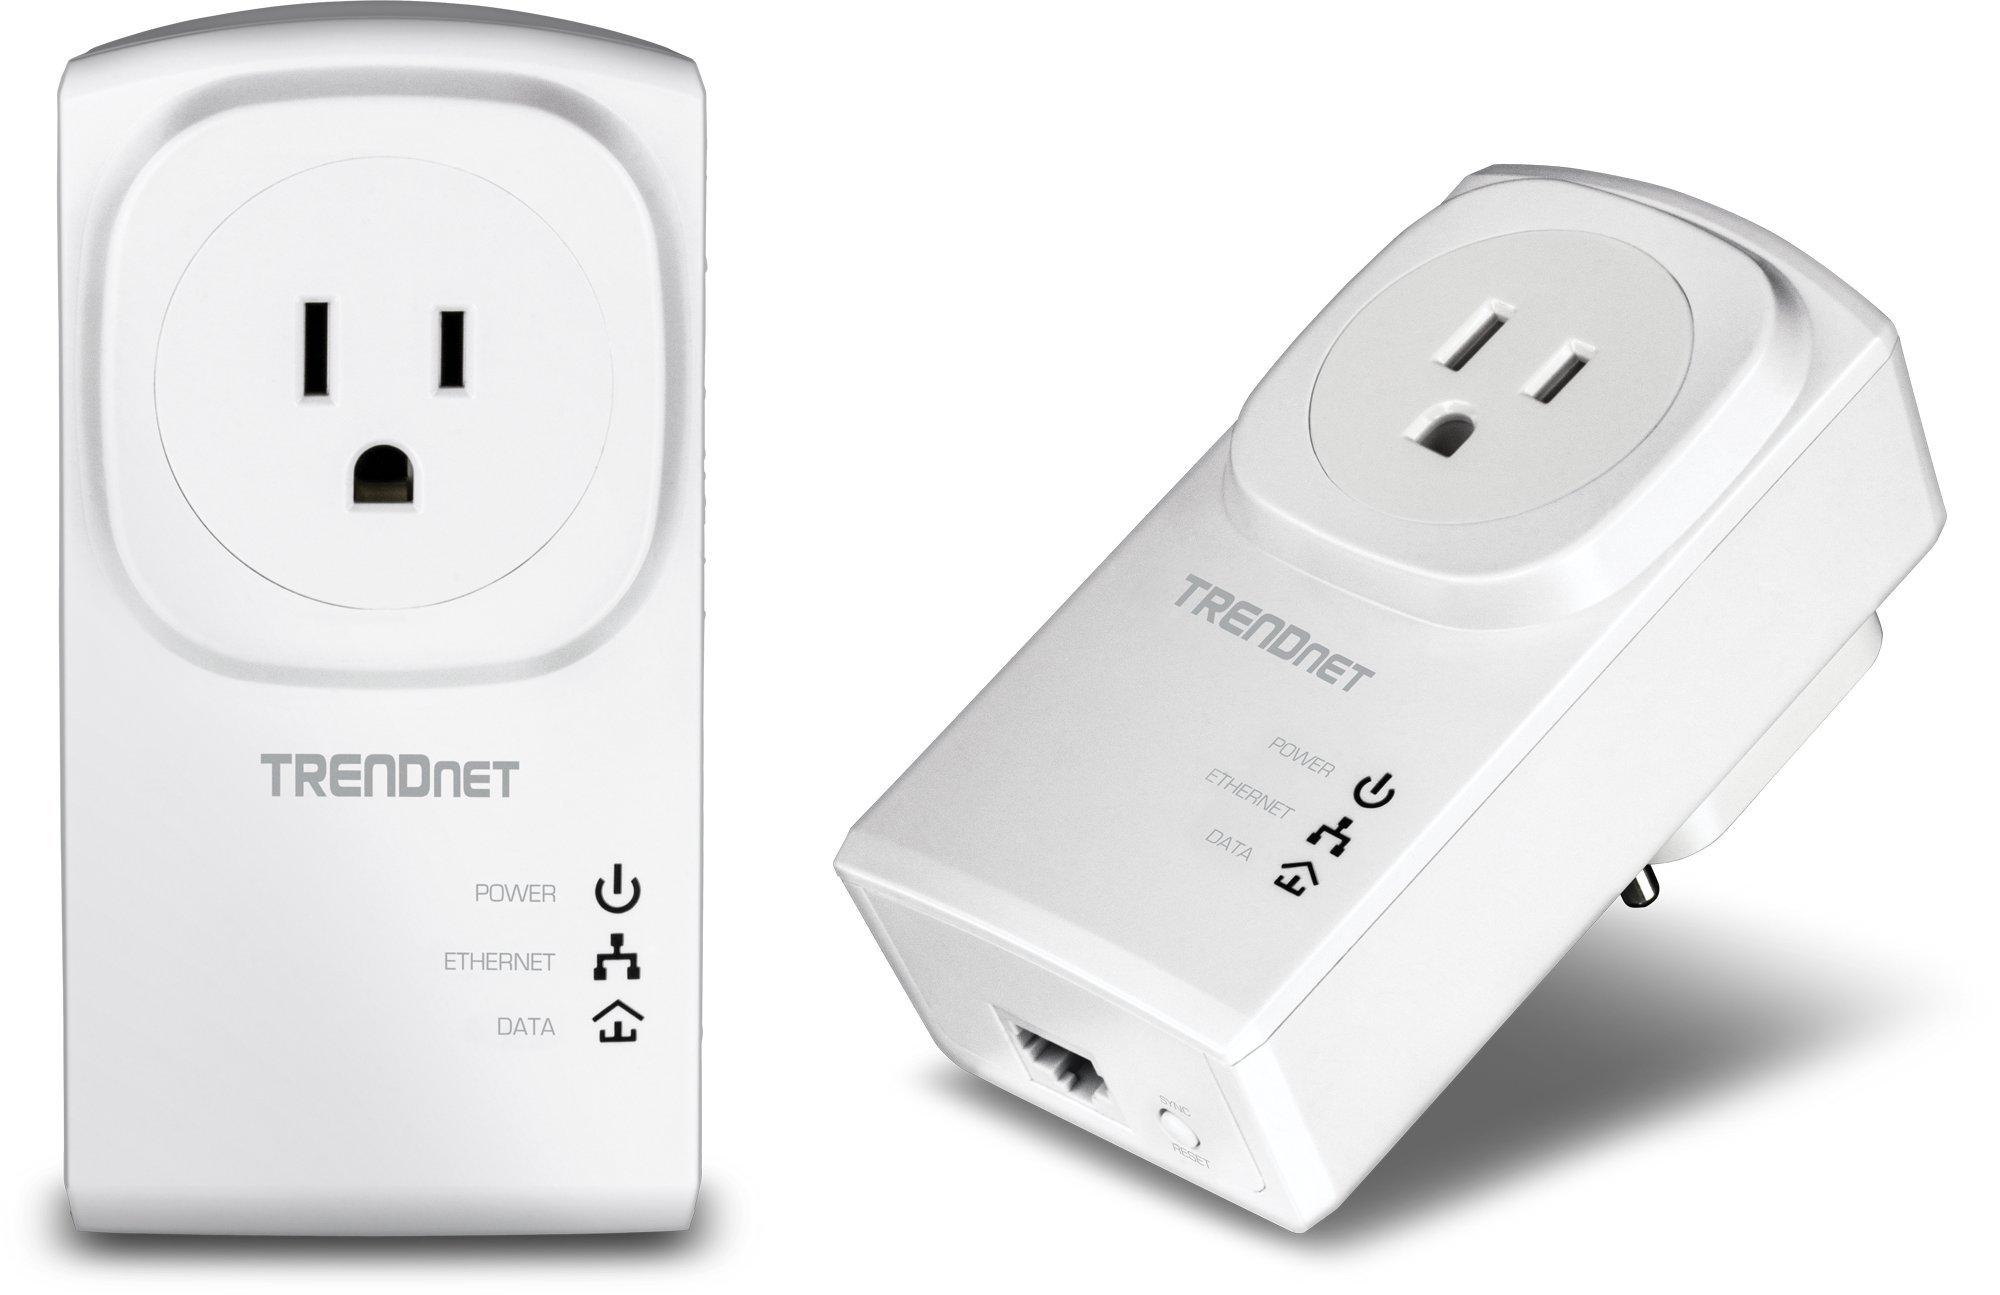 TRENDnet Powerline 200 AV Adapter Kit with Built-In Outlet TPL-307E2K